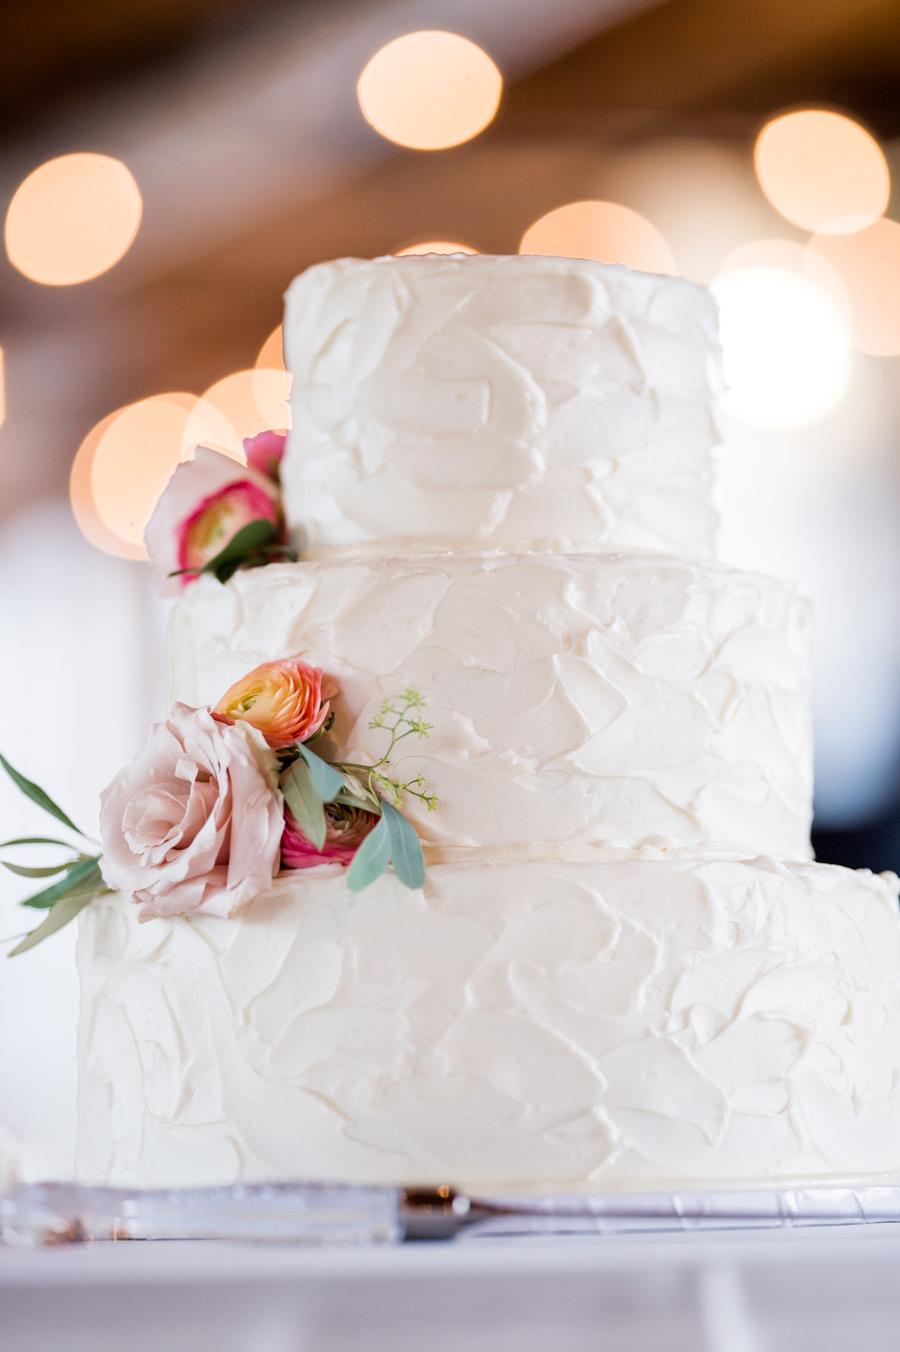 Detail photo of wedding cake.